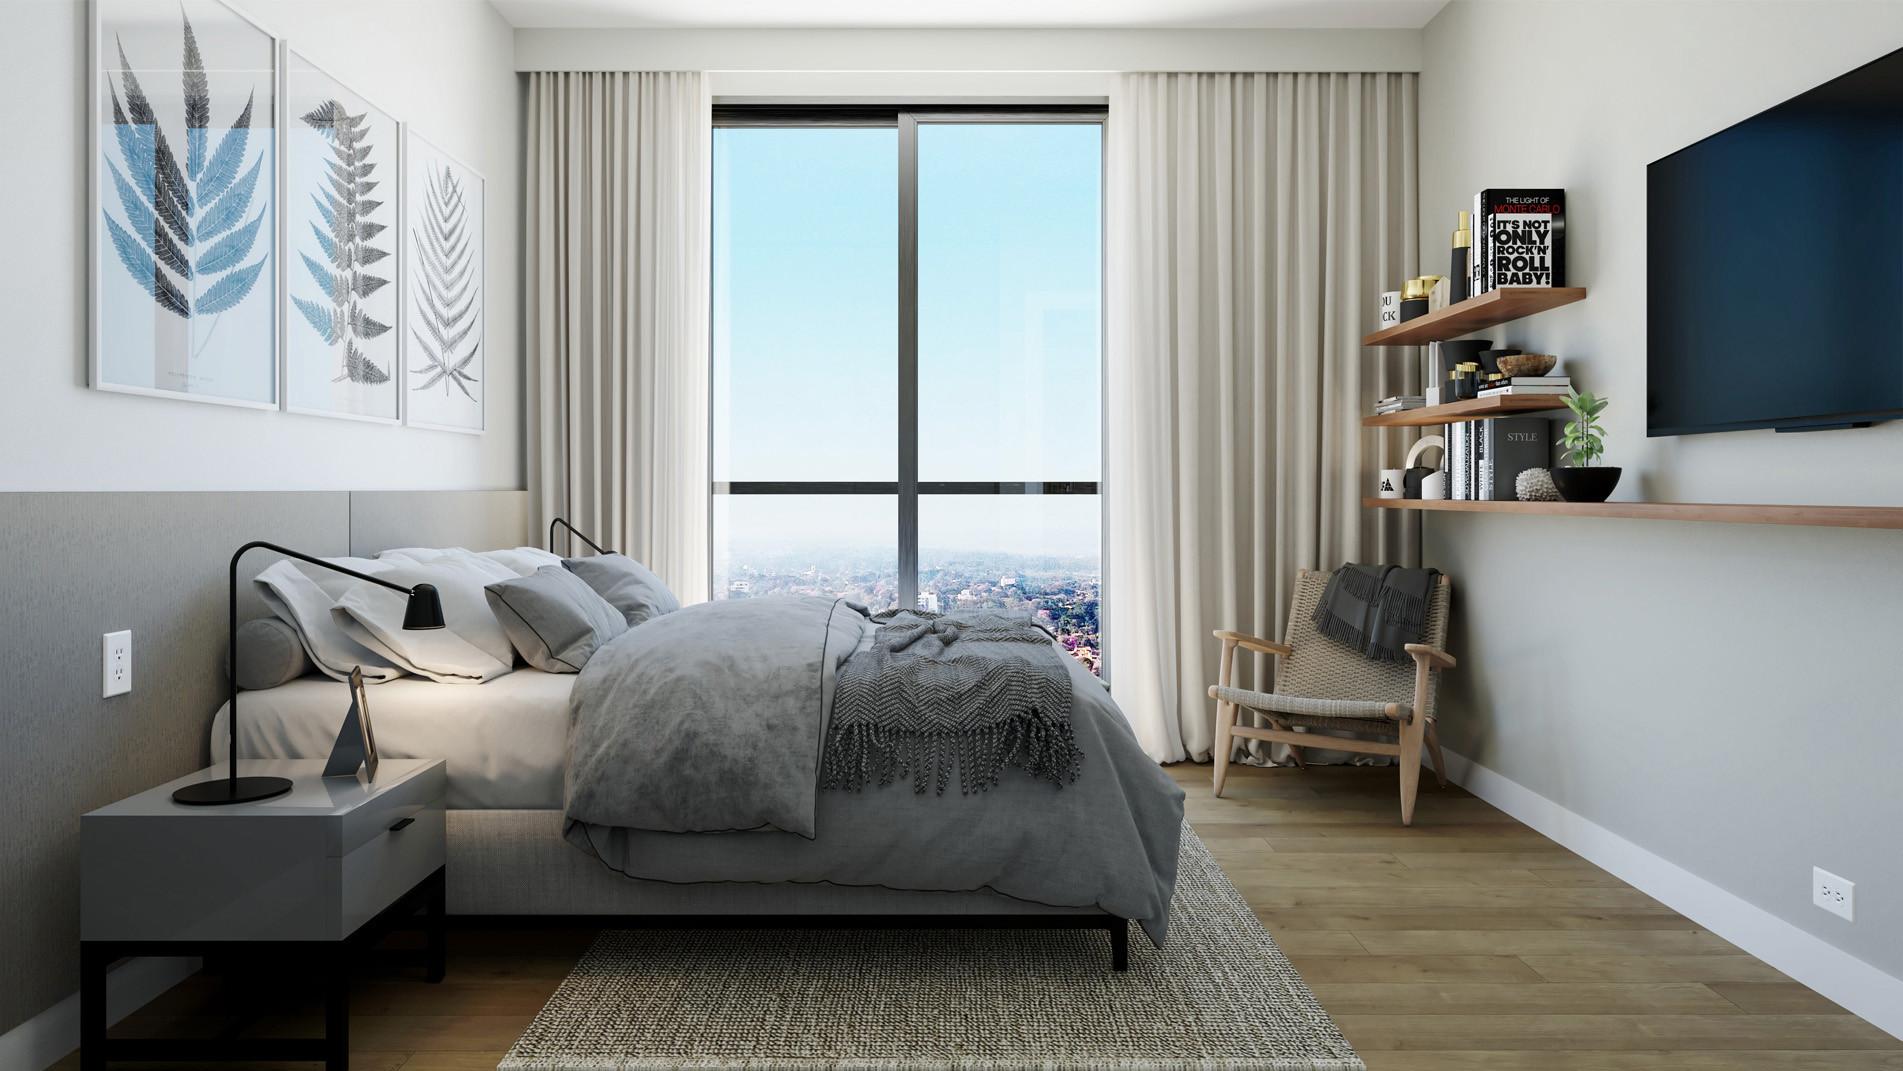 MS_DP_Bedroom.jpg